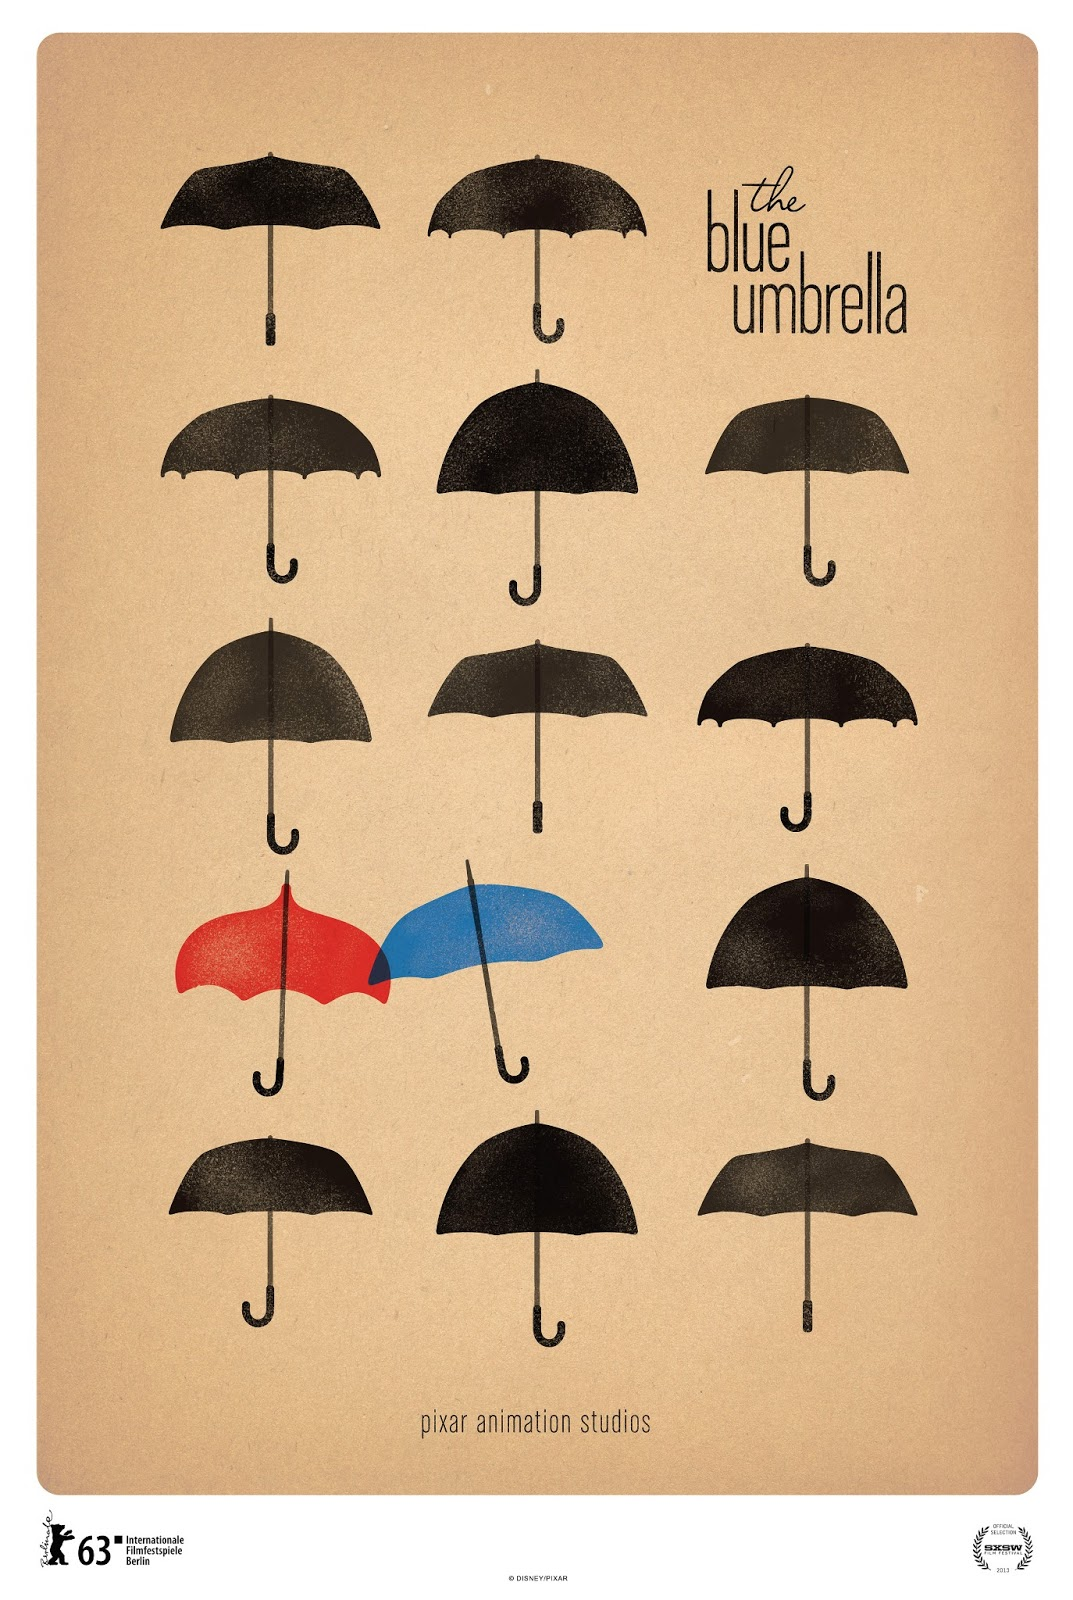 Pixar disney affiche poster le parapluie bleu the blue umbrella